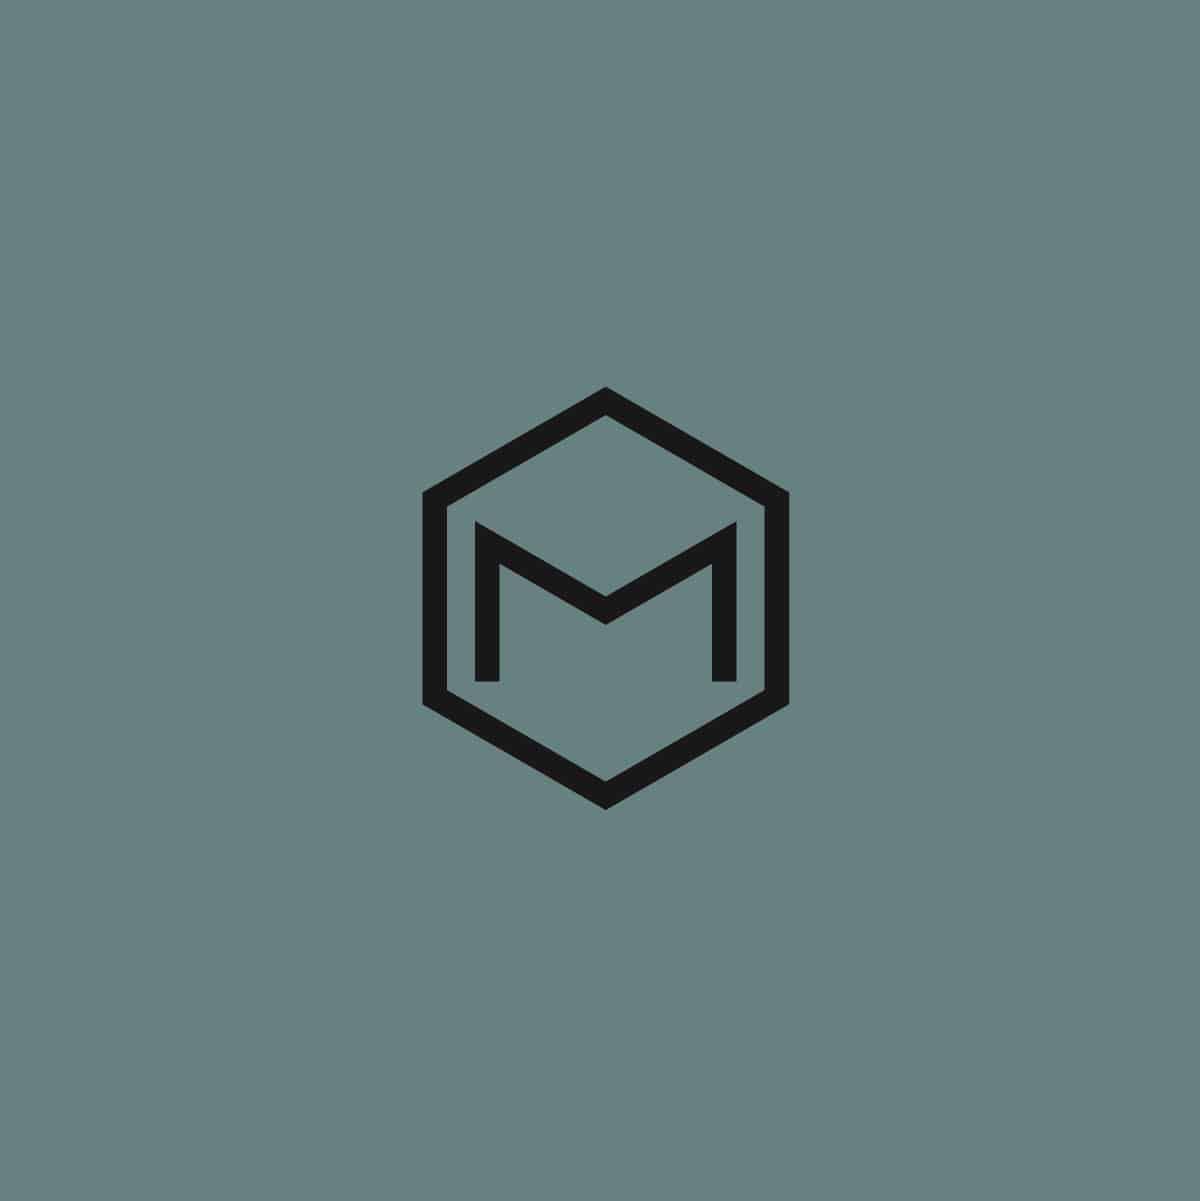 Maycliff_Homes_by_Stellen_Design-04